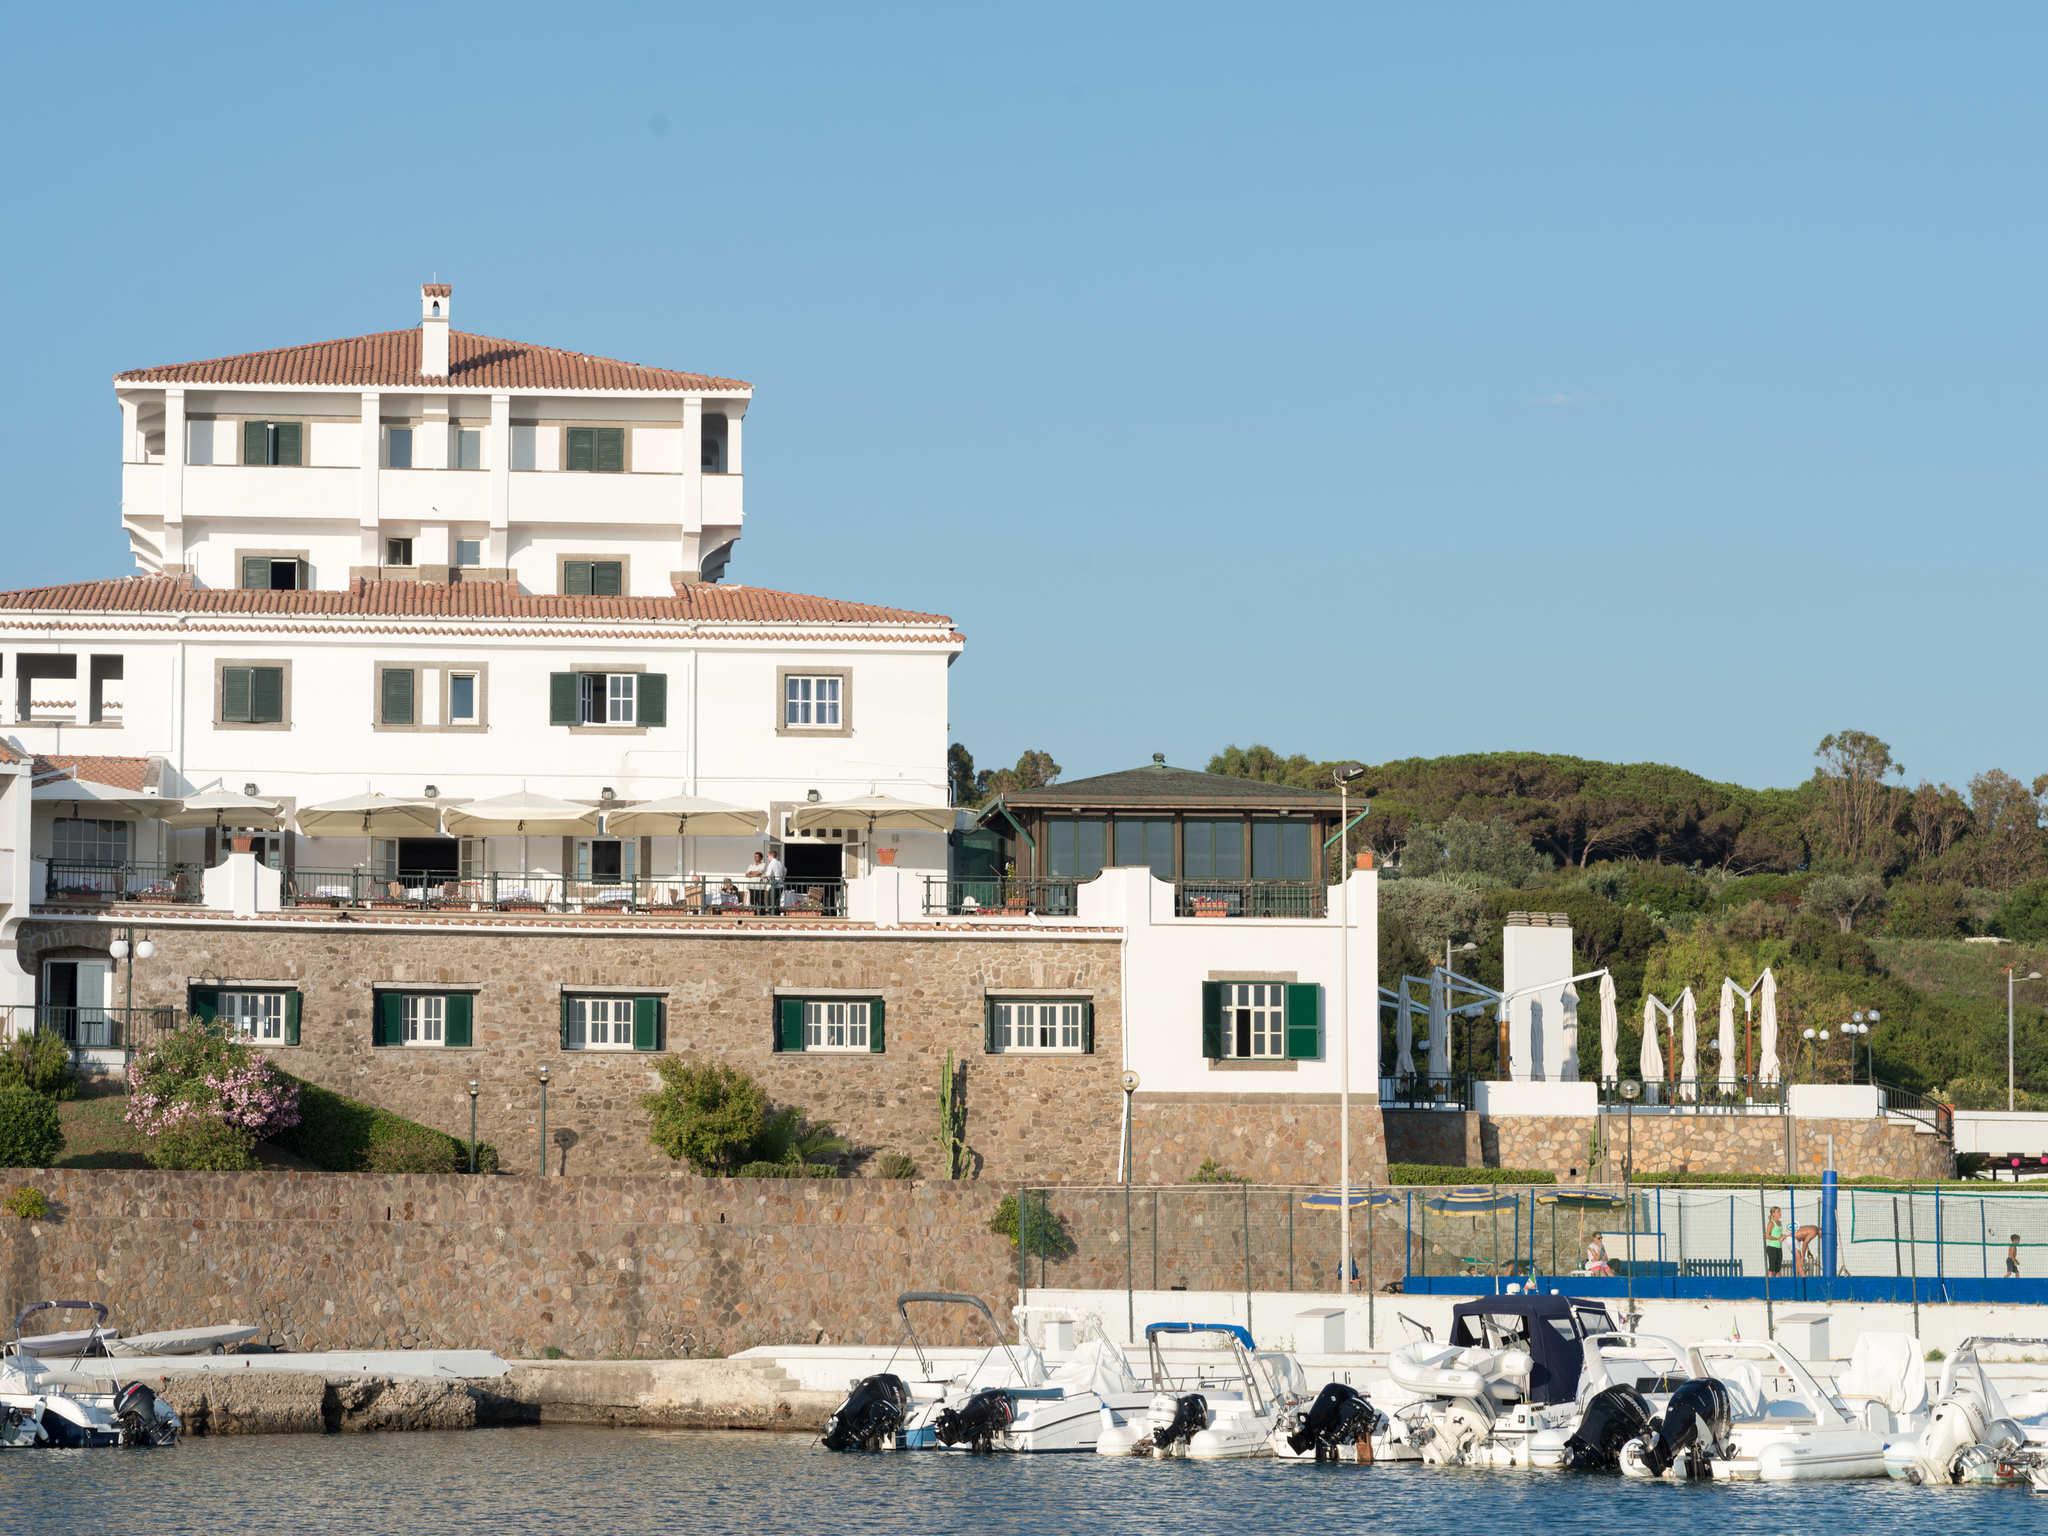 โรงแรม – Mercure Civitavecchia Sunbay Park Hotel - New Opening